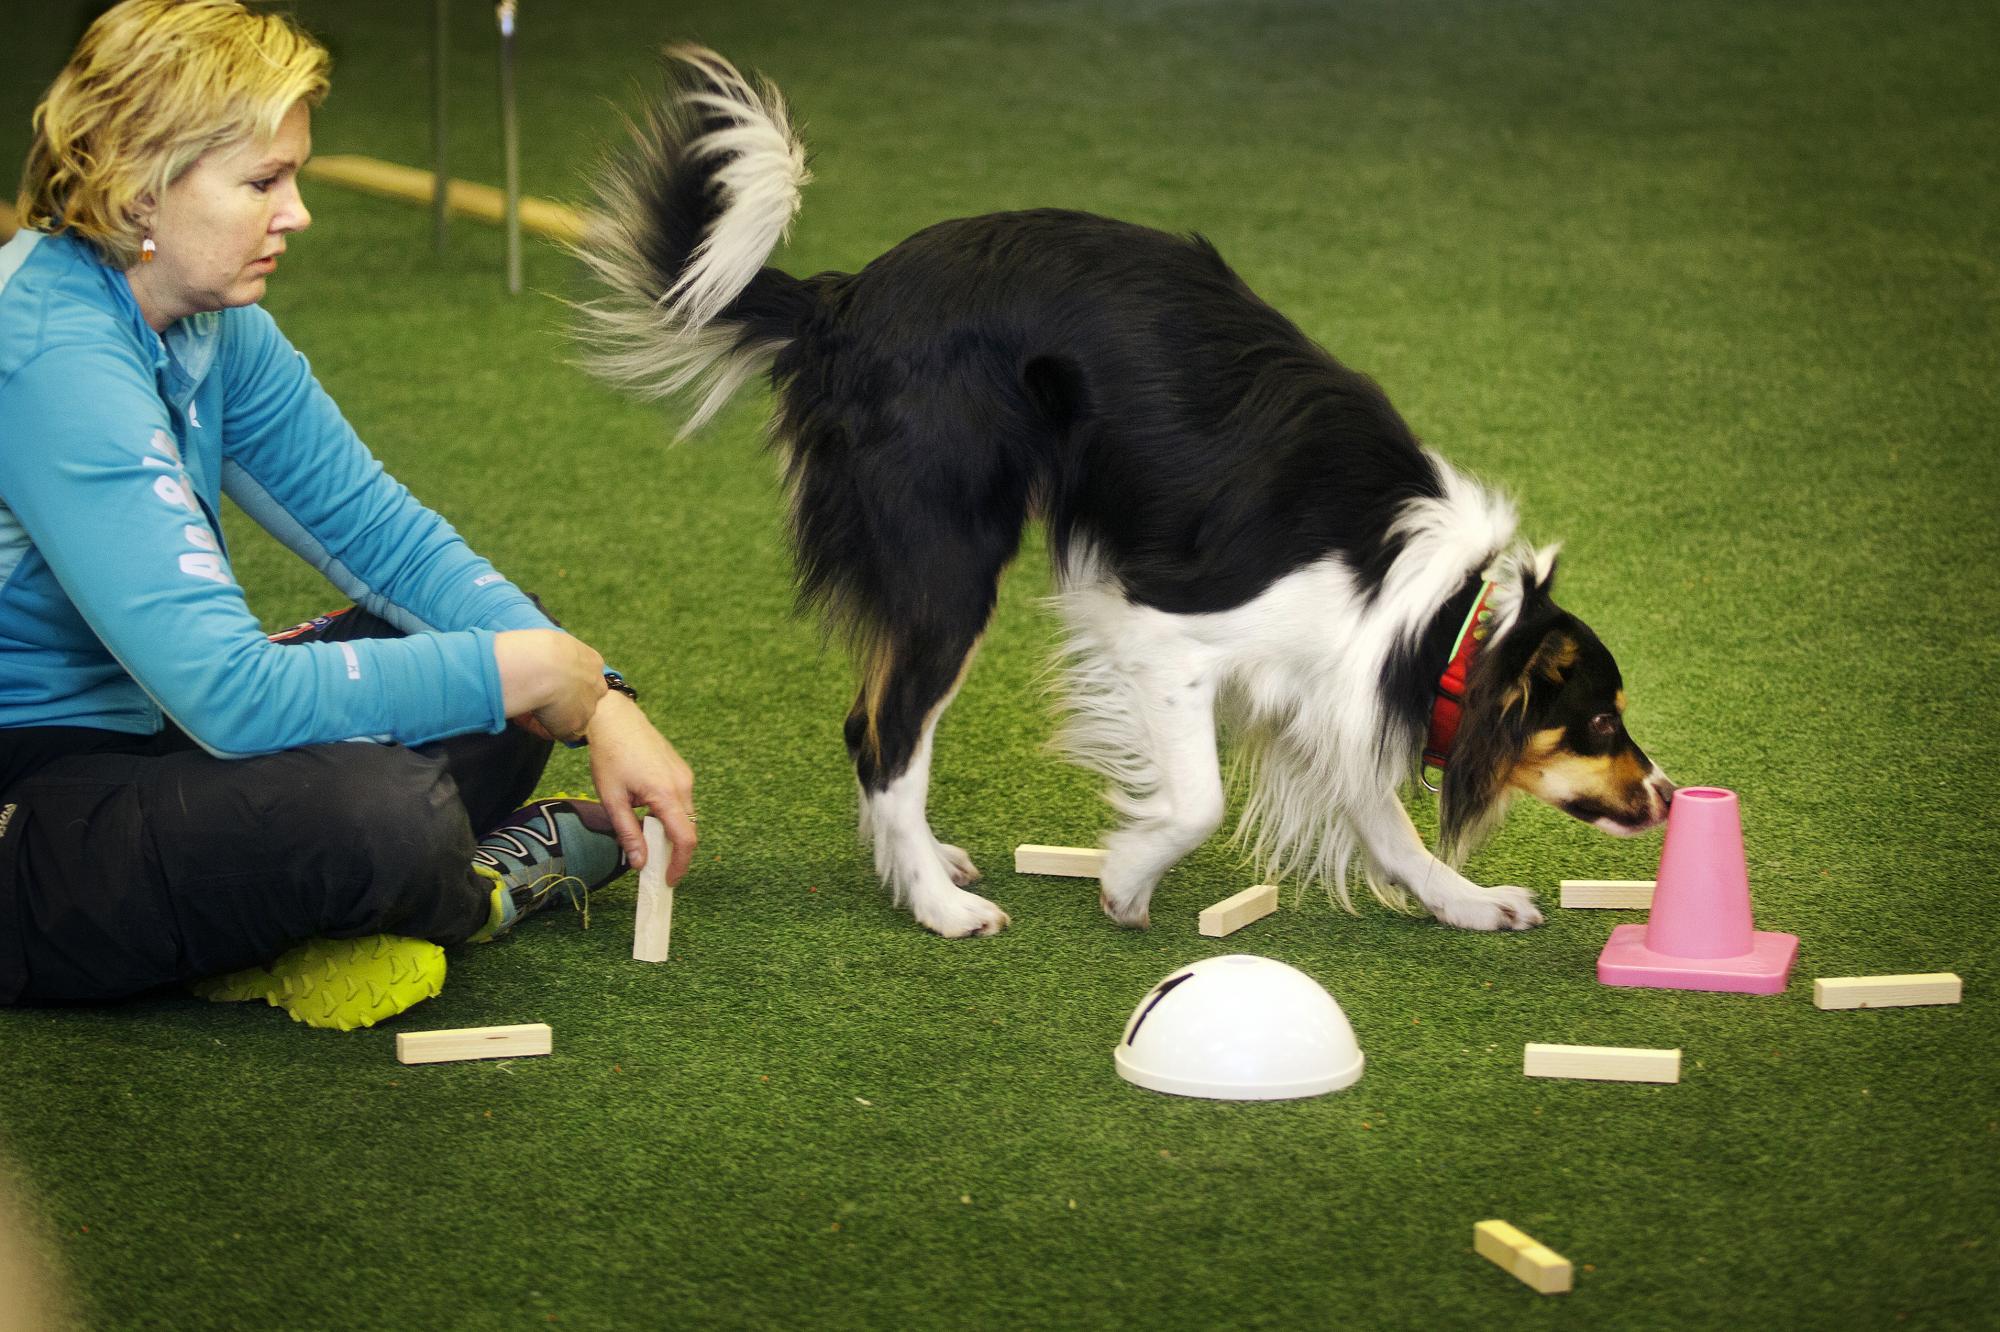 Kjellaug övertränar sin hund Ludvig med Synnöve som störning. För att göra det extra svårt ligger den rätta vittringsapporten under konen.